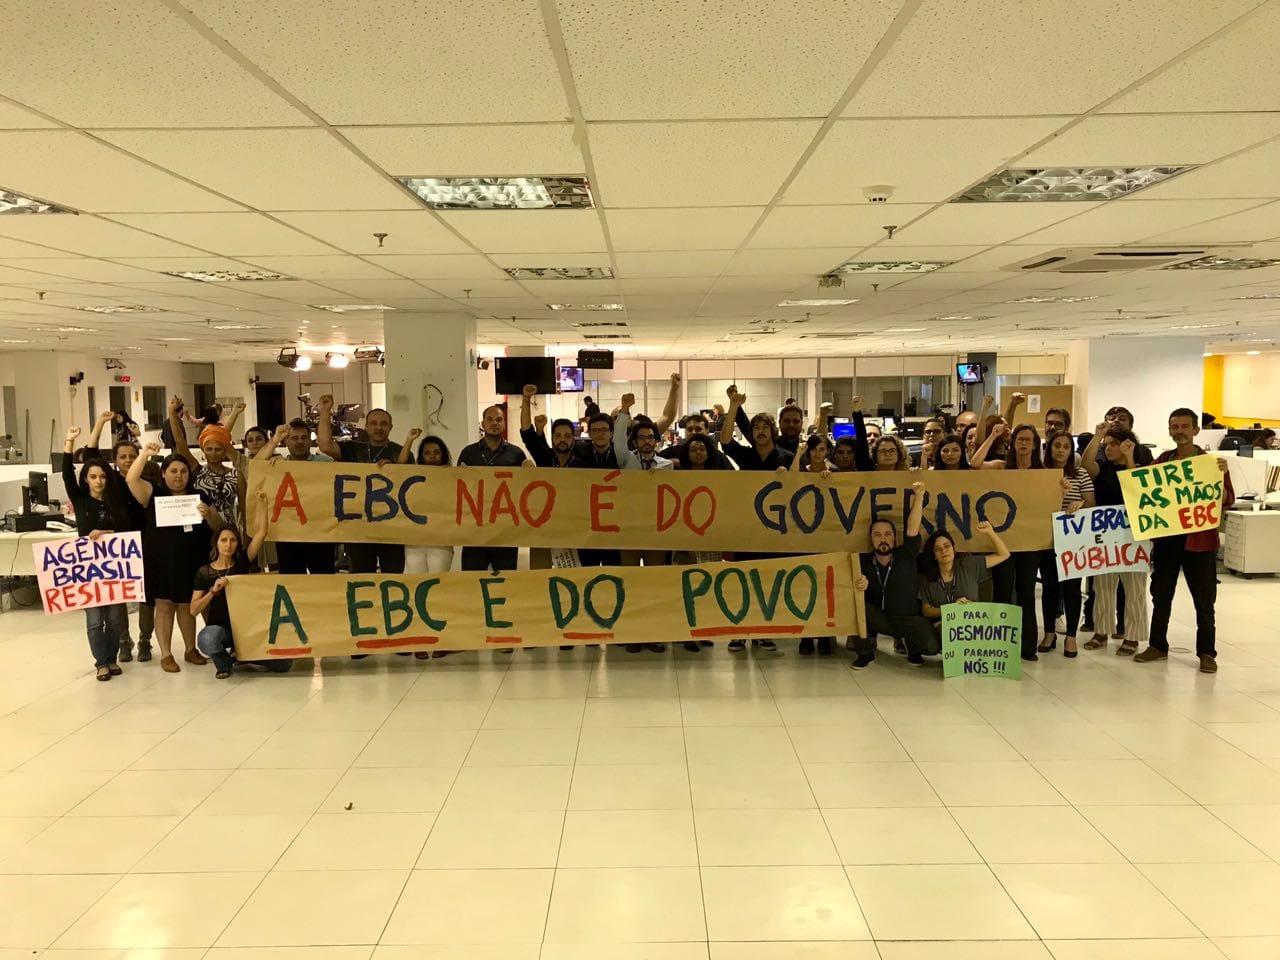 Trabalhadores da EBC mantêm estado de greve e divulgam carta pública